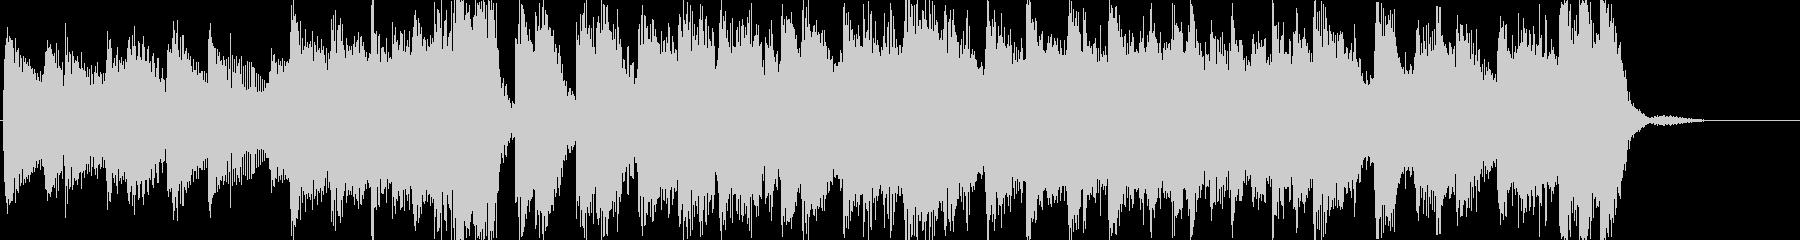 ピアノロックで明るい元気のある曲の未再生の波形